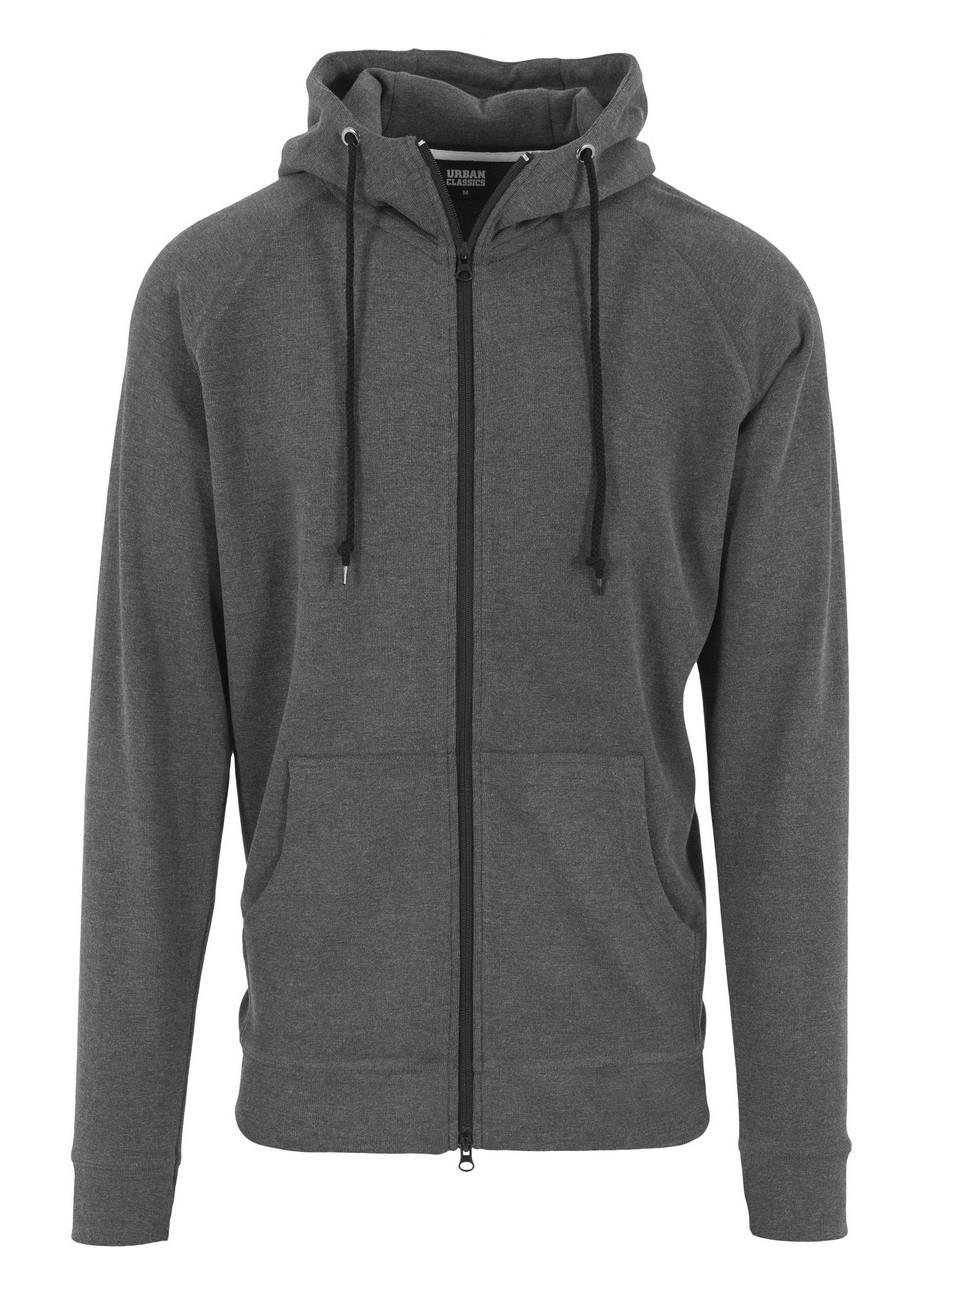 urban-classics-herren-sweatjacket-heavy-interlock-raglan-zip-hoody